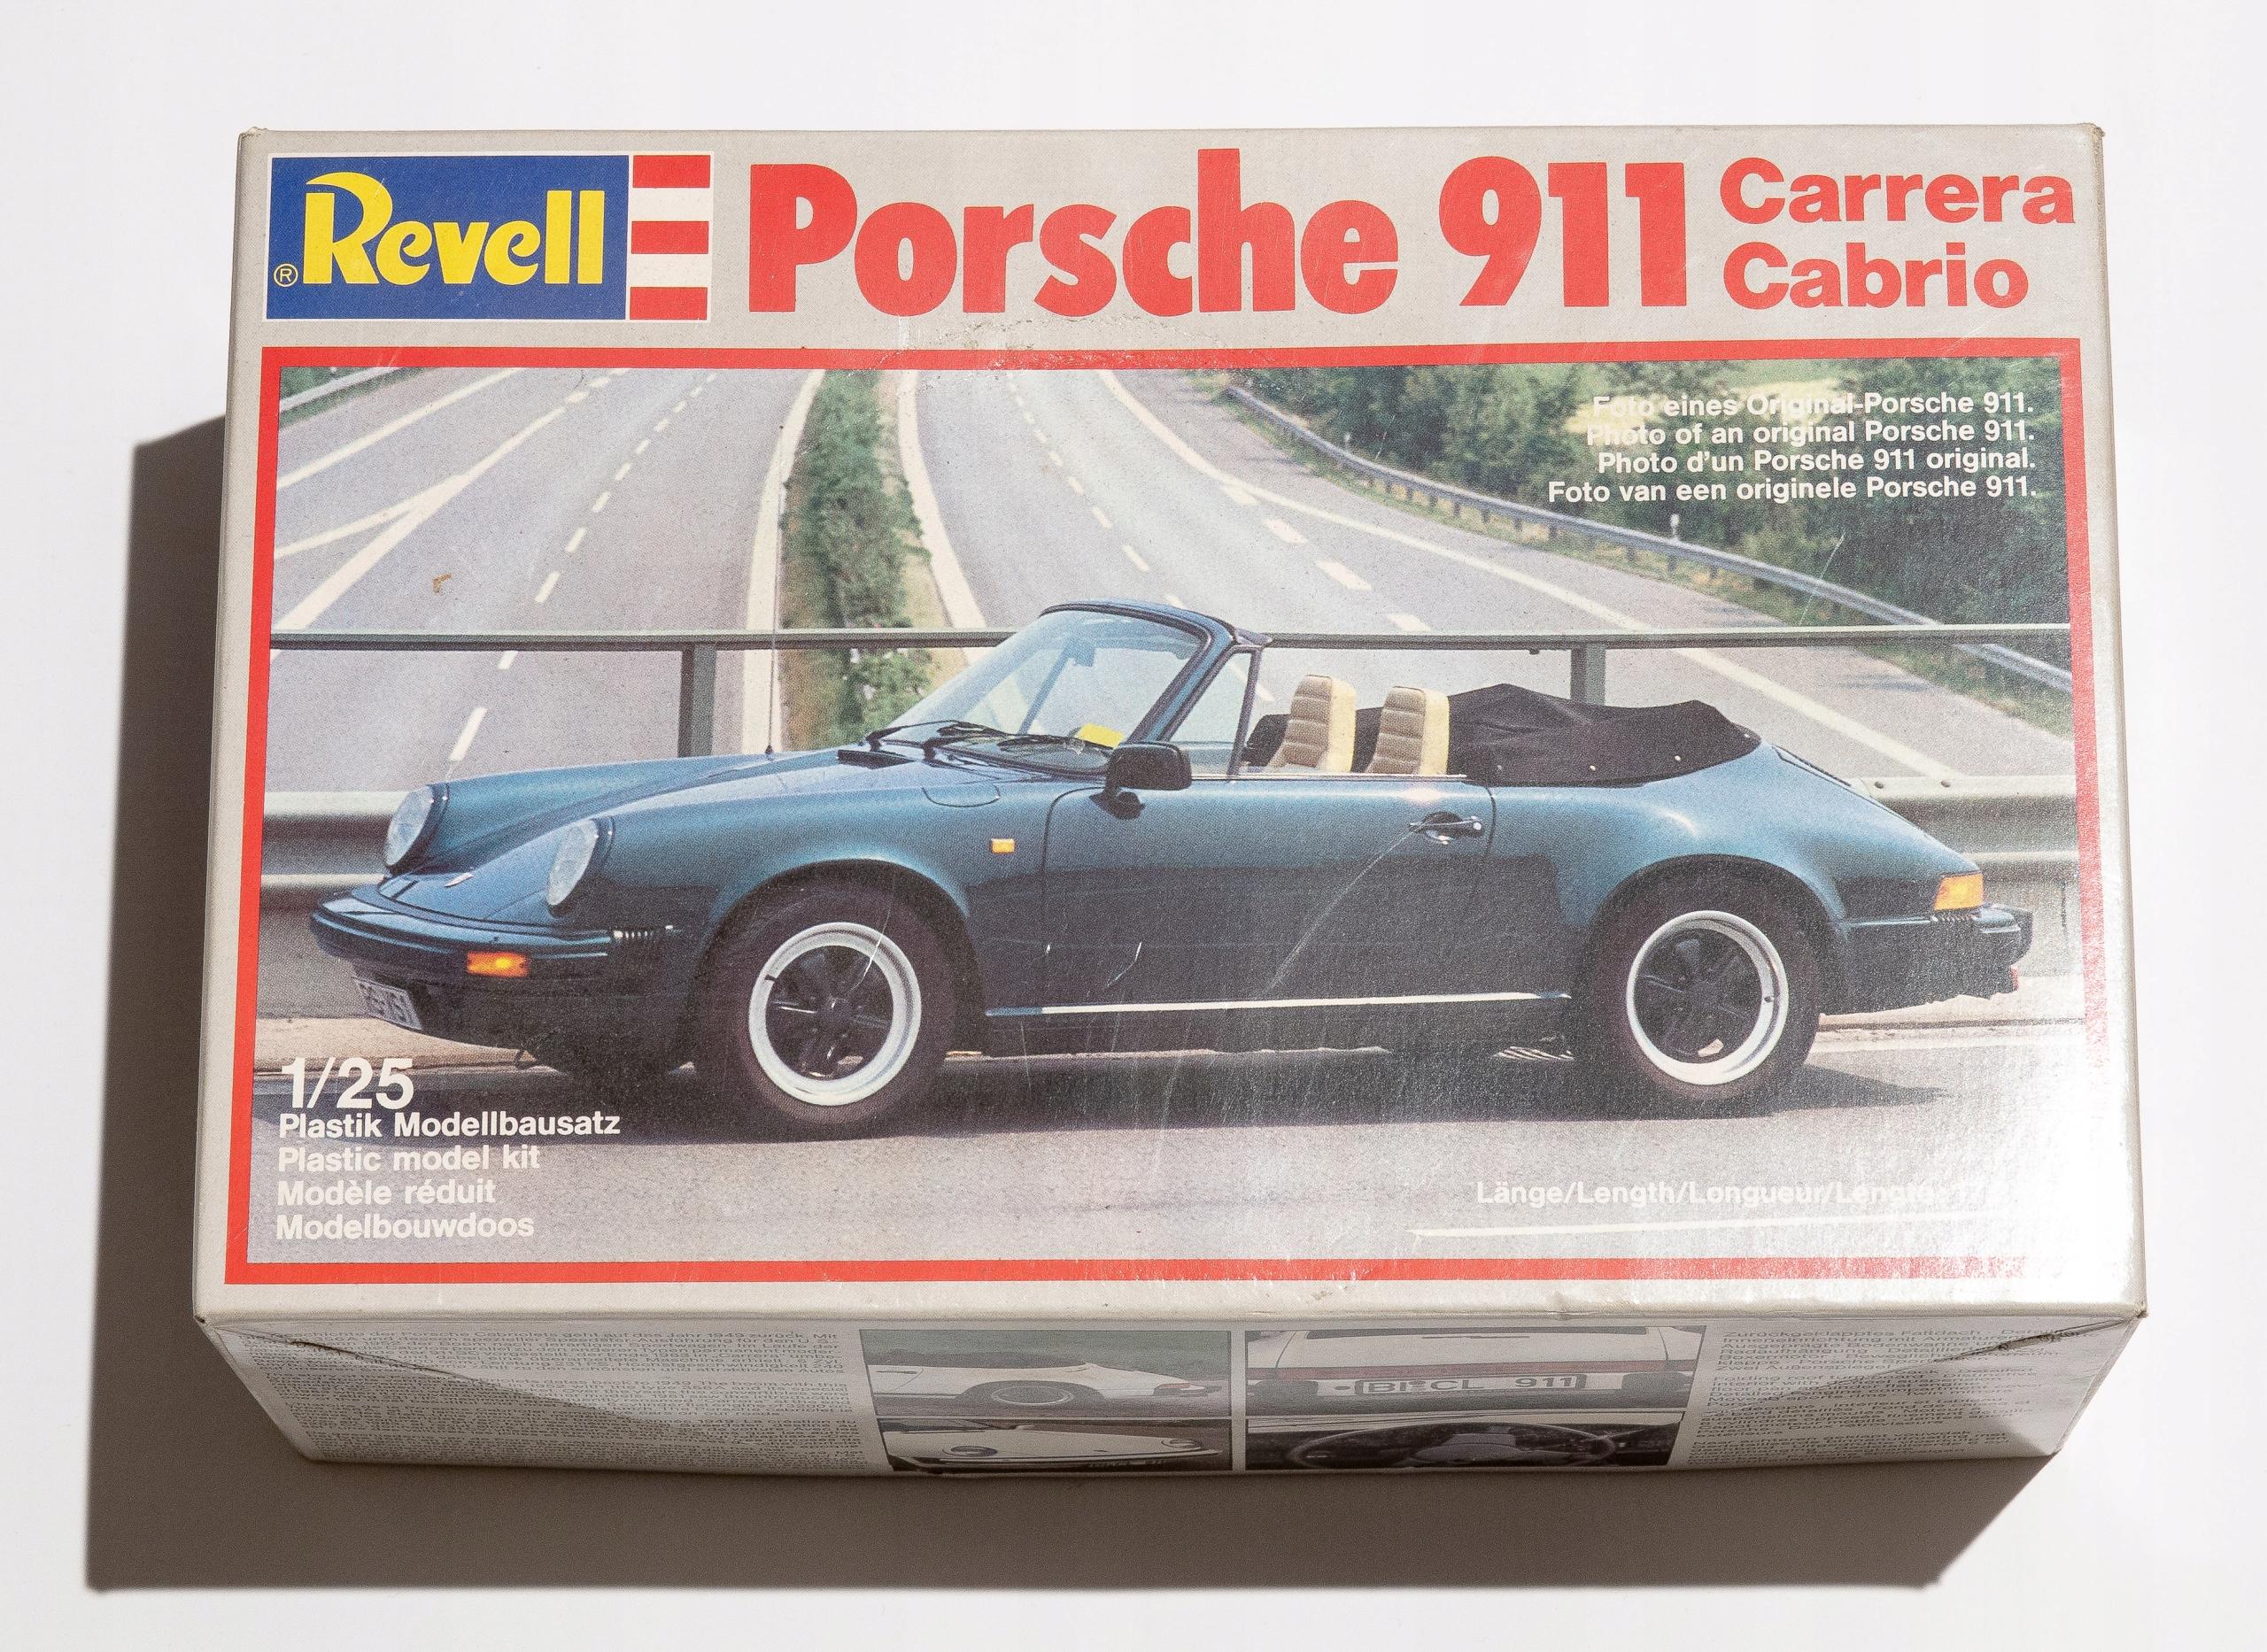 PORSCHE 911 Carrera Cabrio 1988 Revell skala 1:25